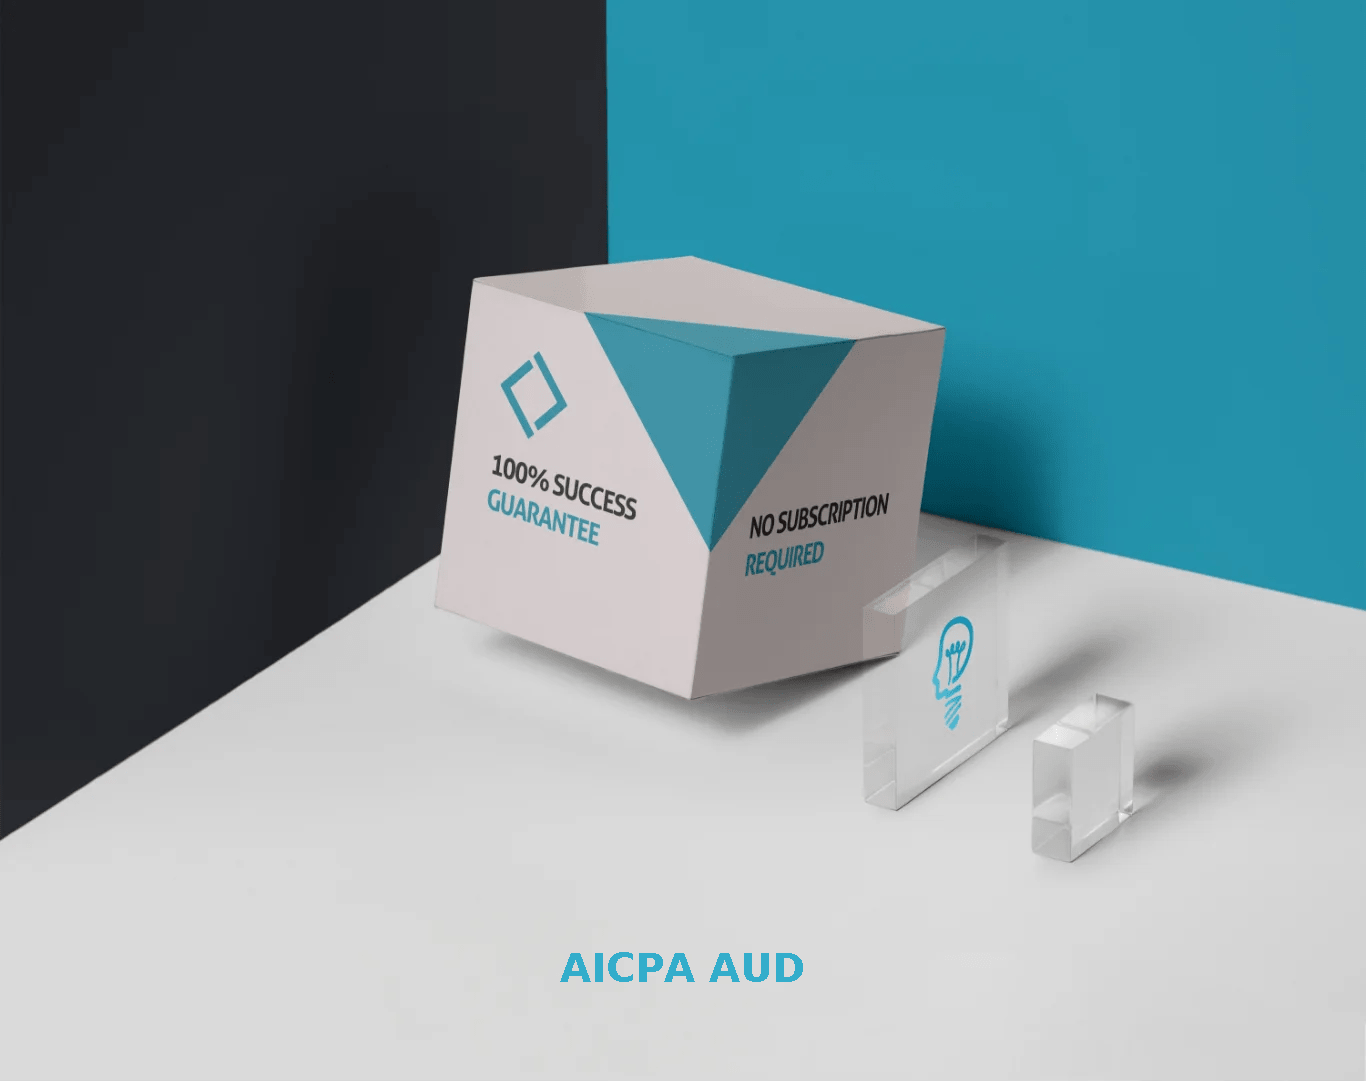 AICPA AUD Exams